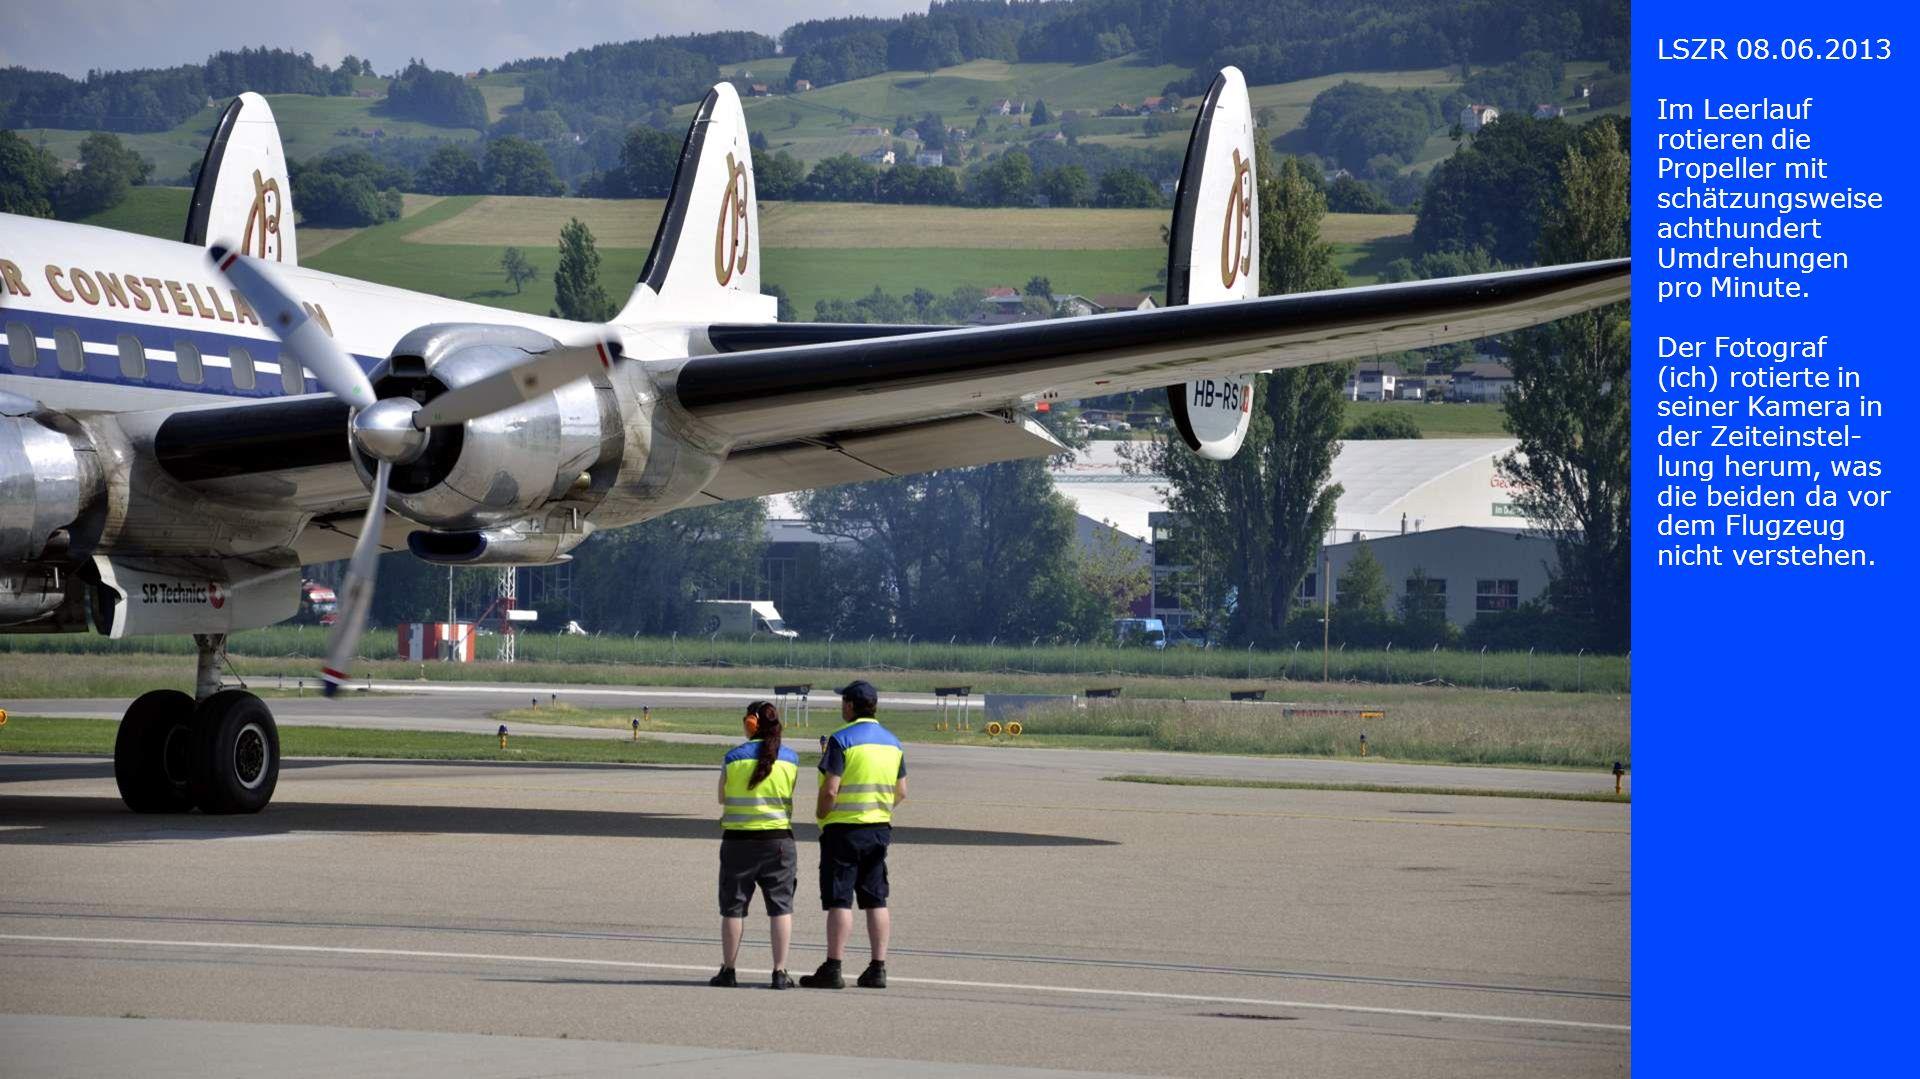 LSZR 08.06.2013 Im Leerlauf rotieren die Propeller mit schätzungsweise achthundert Umdrehungen pro Minute.